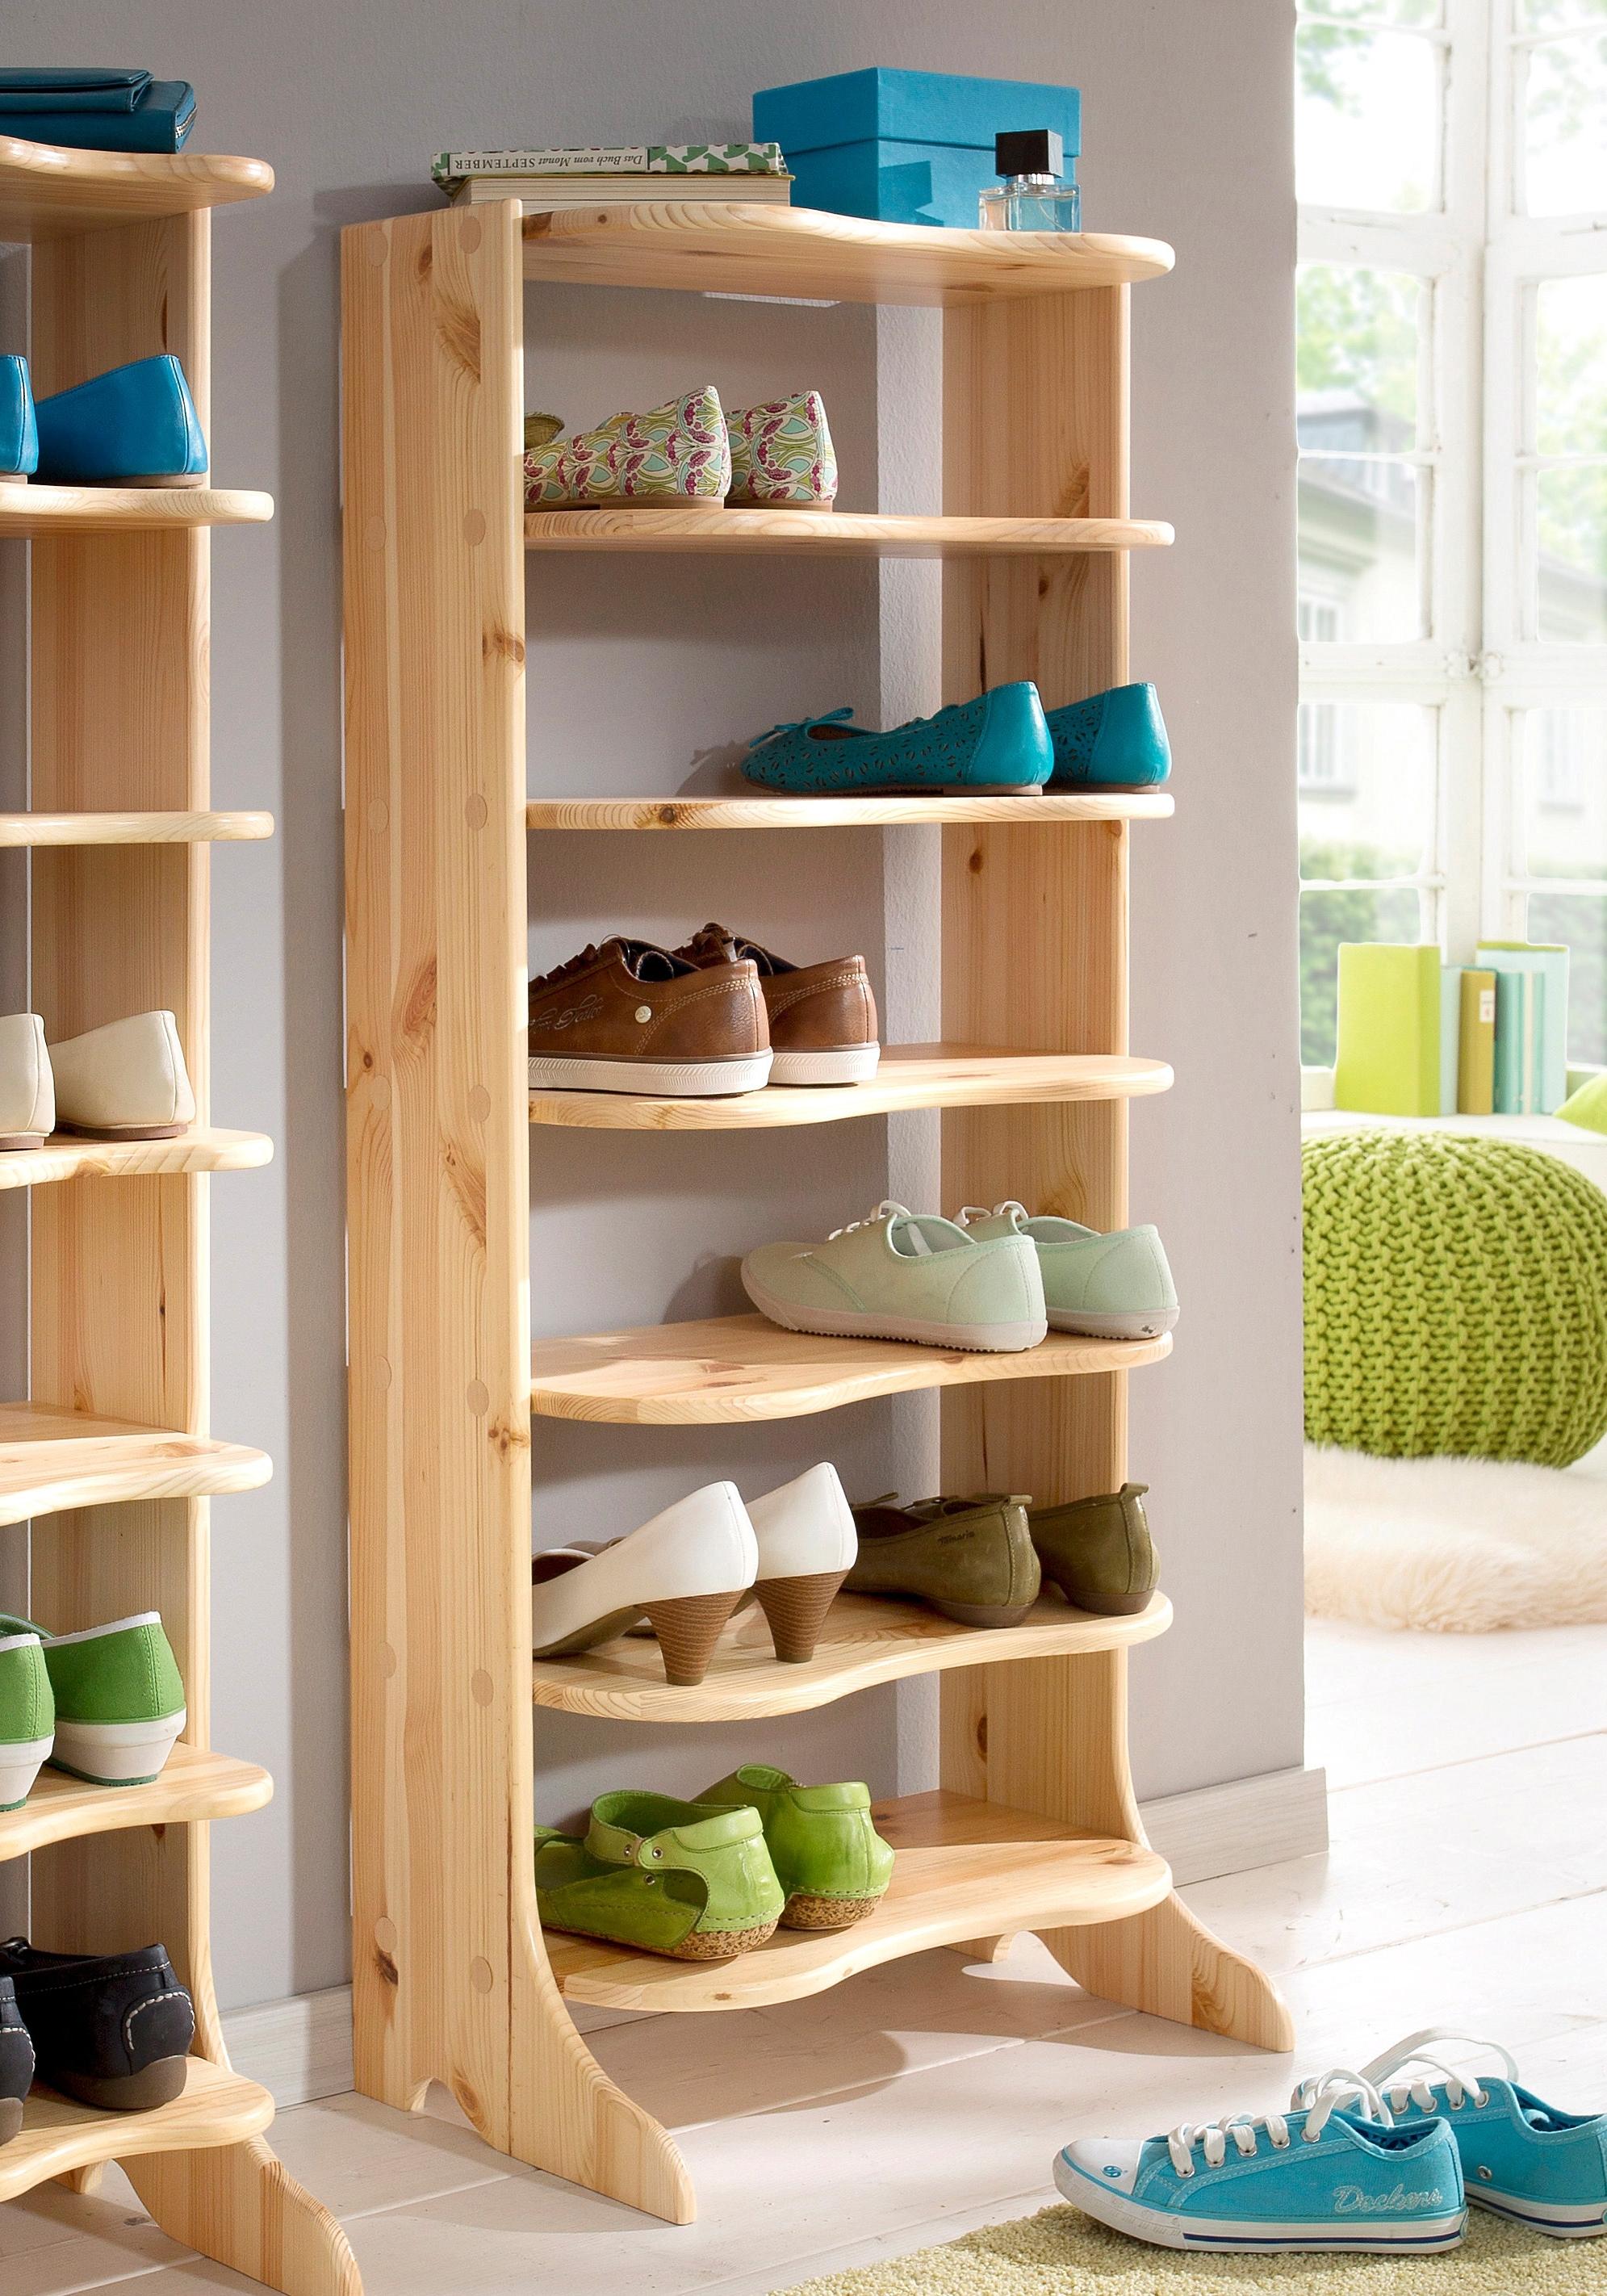 schoenenrek kopen vind jouw perfecte schoenenrek otto. Black Bedroom Furniture Sets. Home Design Ideas